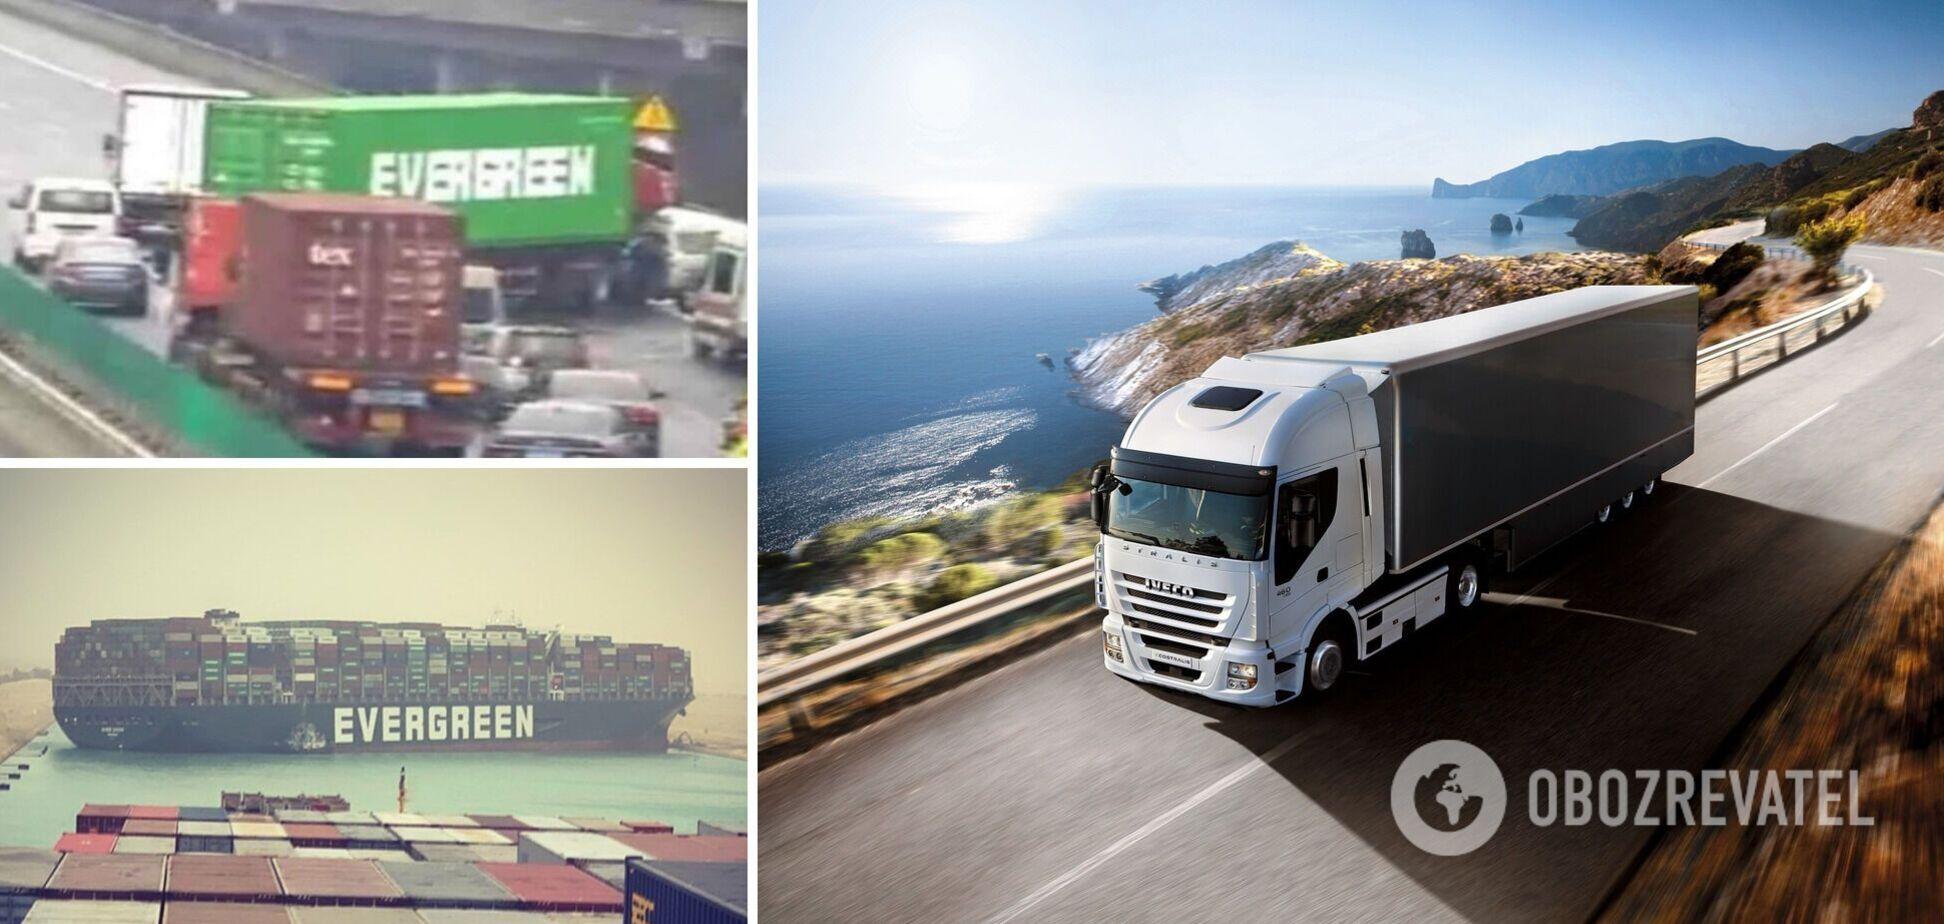 В Китае фура компании Evergreen, перекрывшей Суэцкий канал, заблокировала трассу